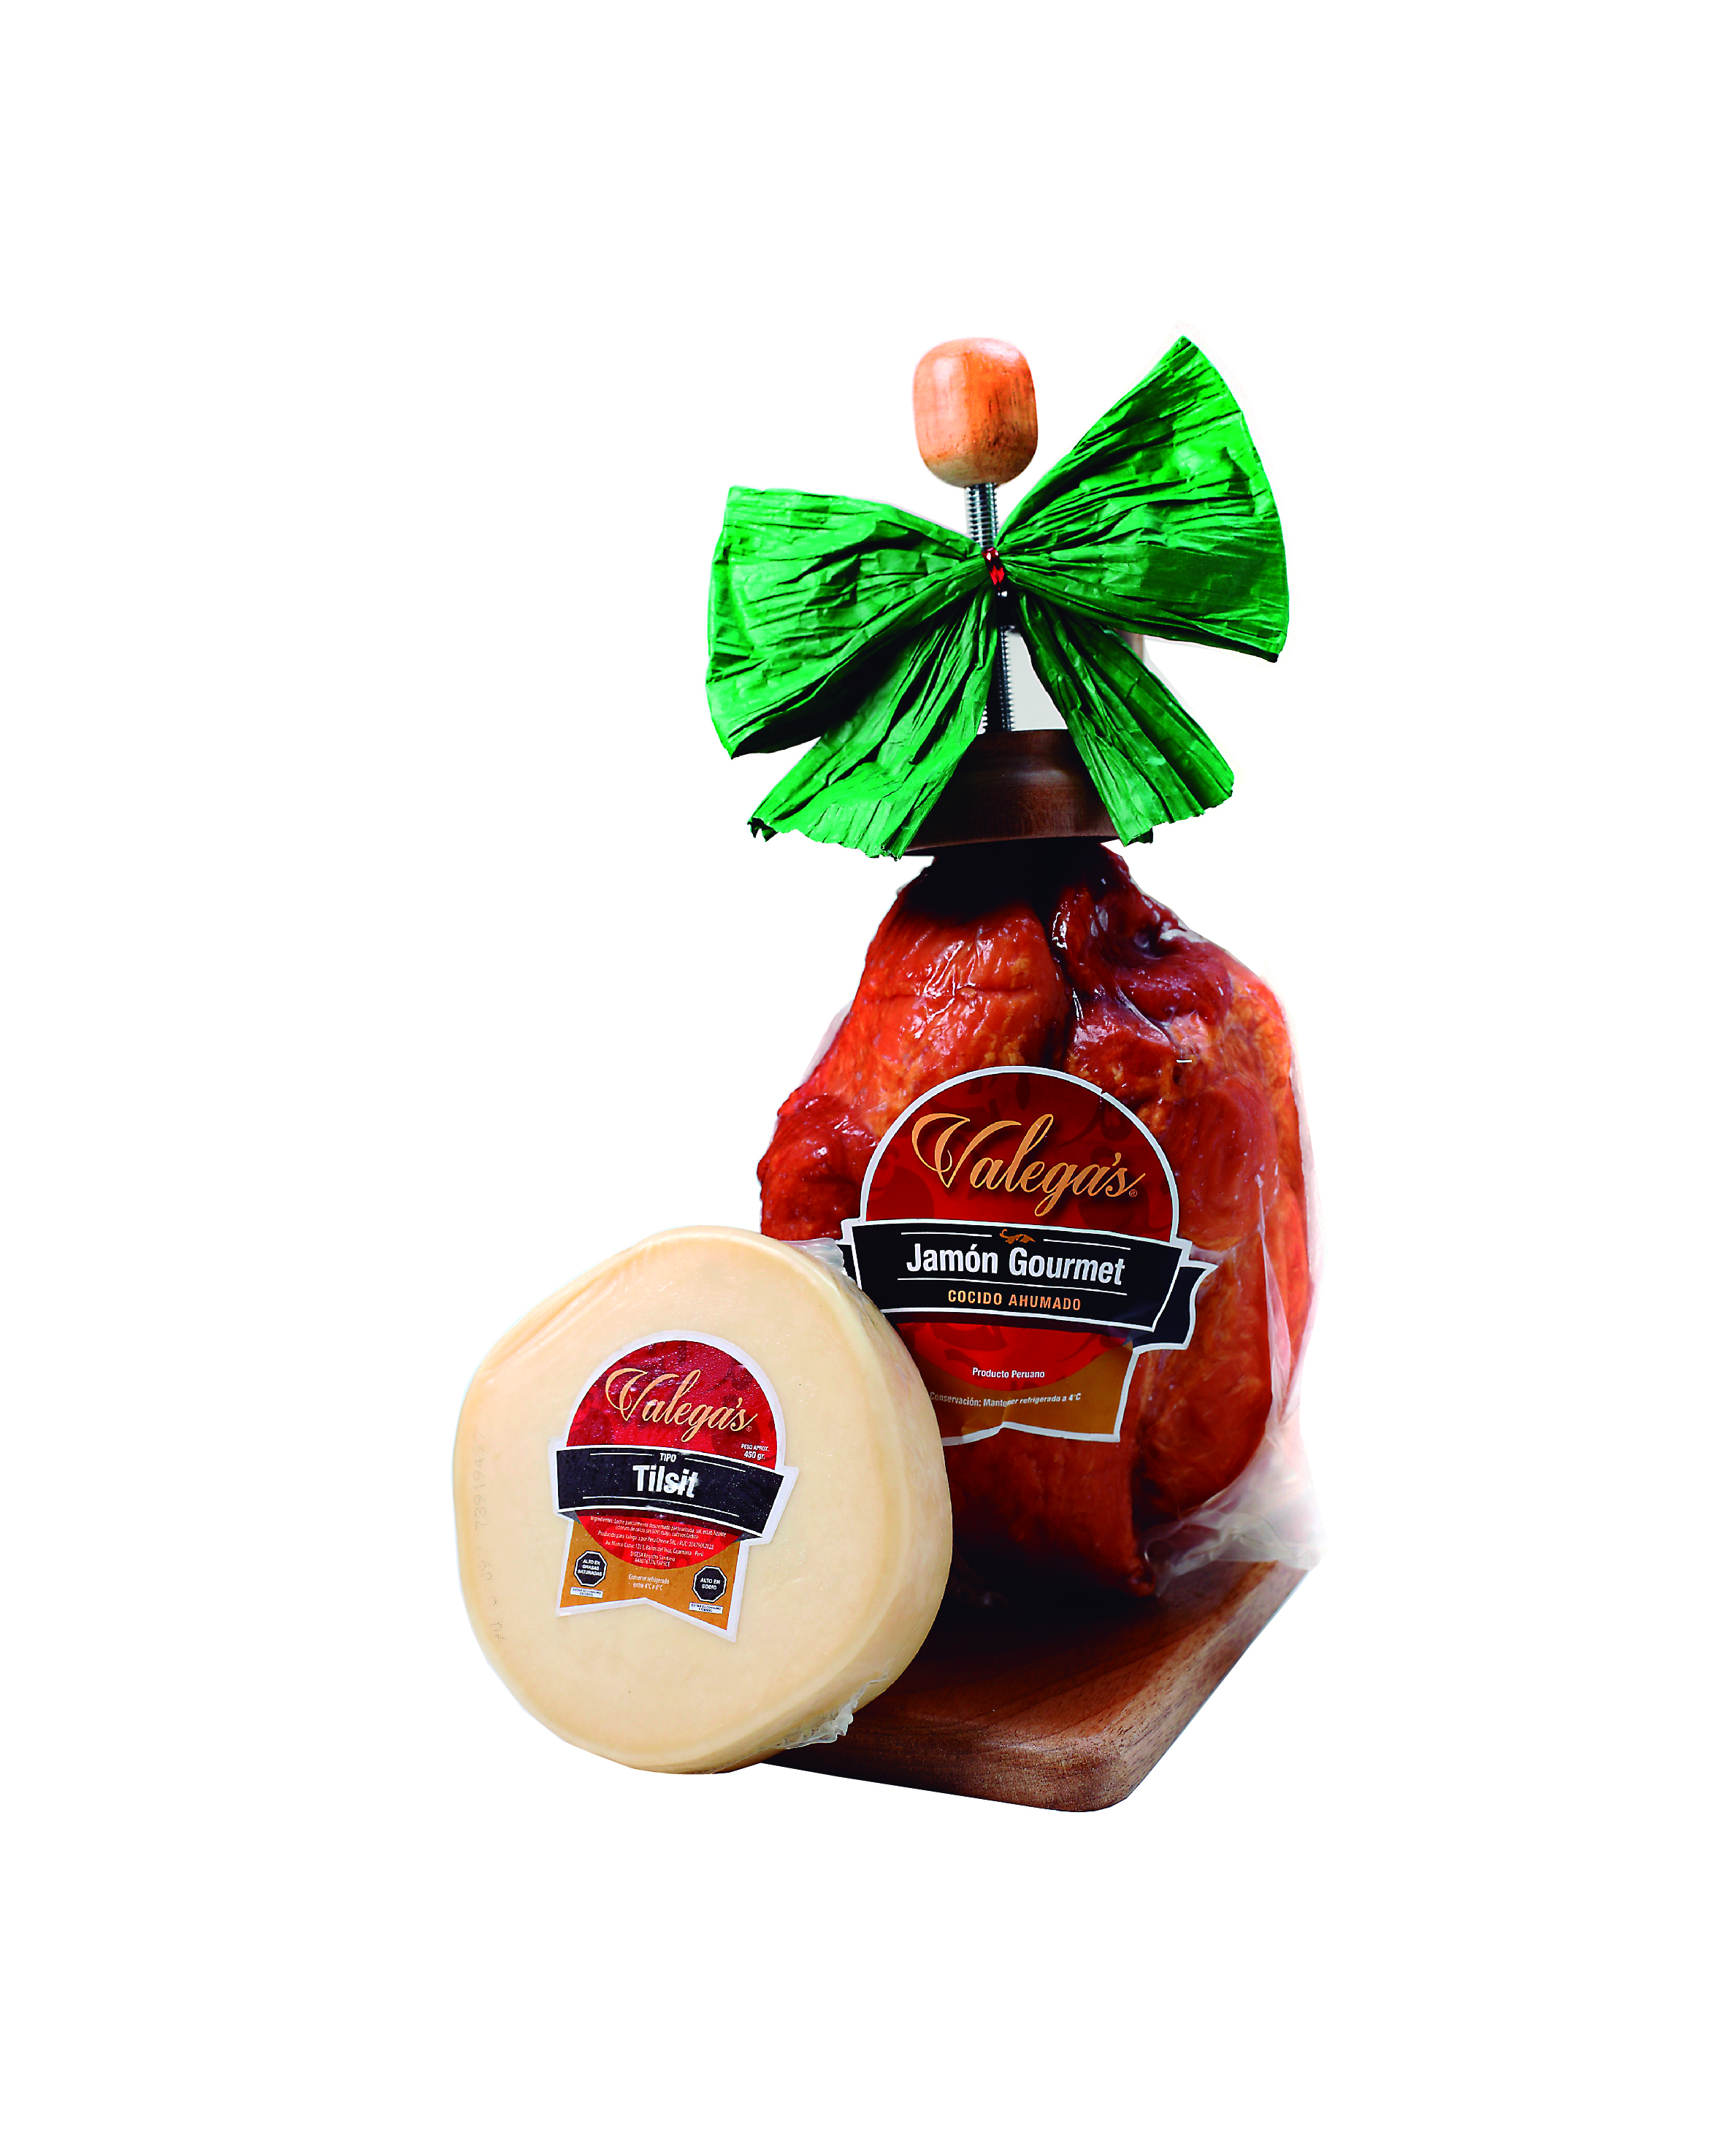 Jamón Gourmet de 2.7kg con parador de madera acompañada por aprox 450gr de delicioso queso tipo Tilsit.